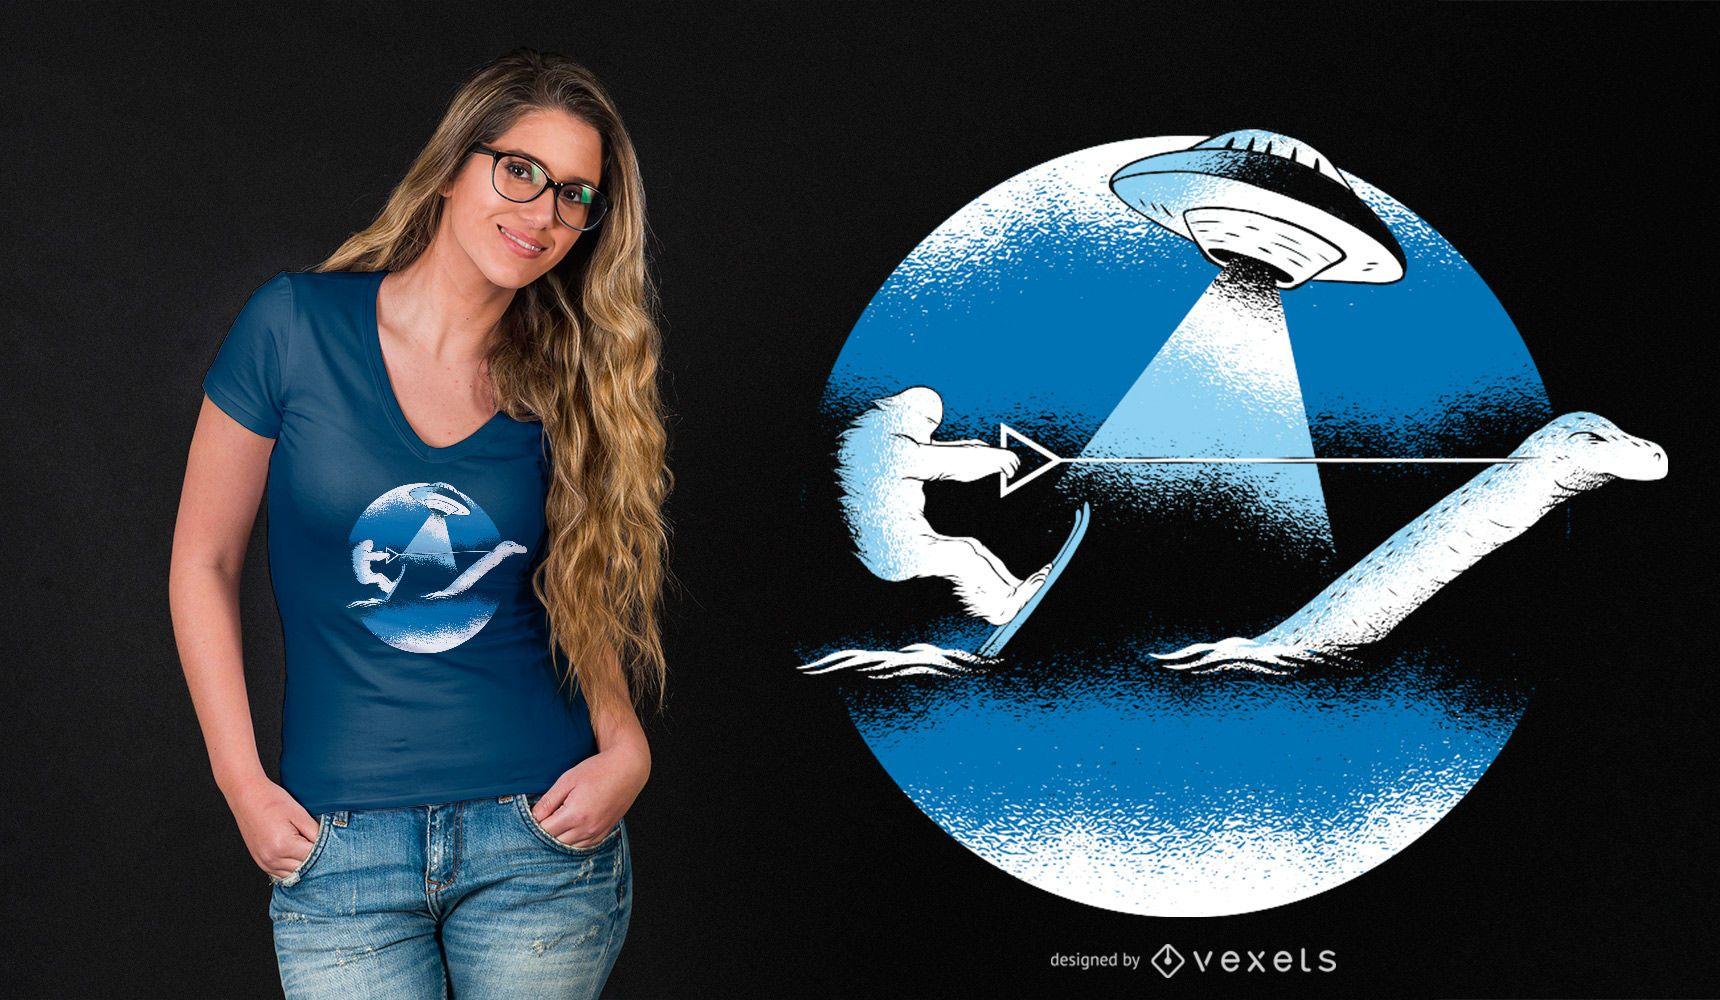 Design de camiseta engraçada de esqui aquático Bigfoot com monstro de Loch Ness